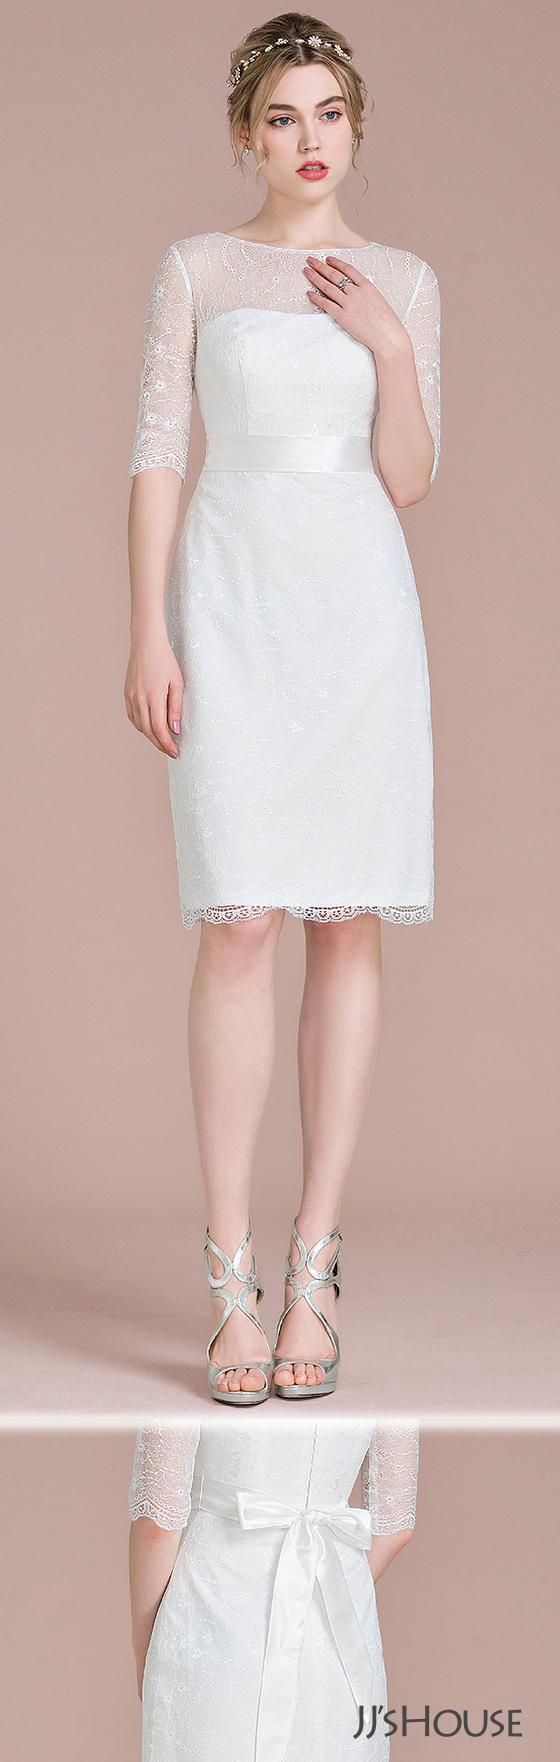 JJsHouse #Bridesmaid | vestidos de dama de noche | Pinterest | Scoop ...